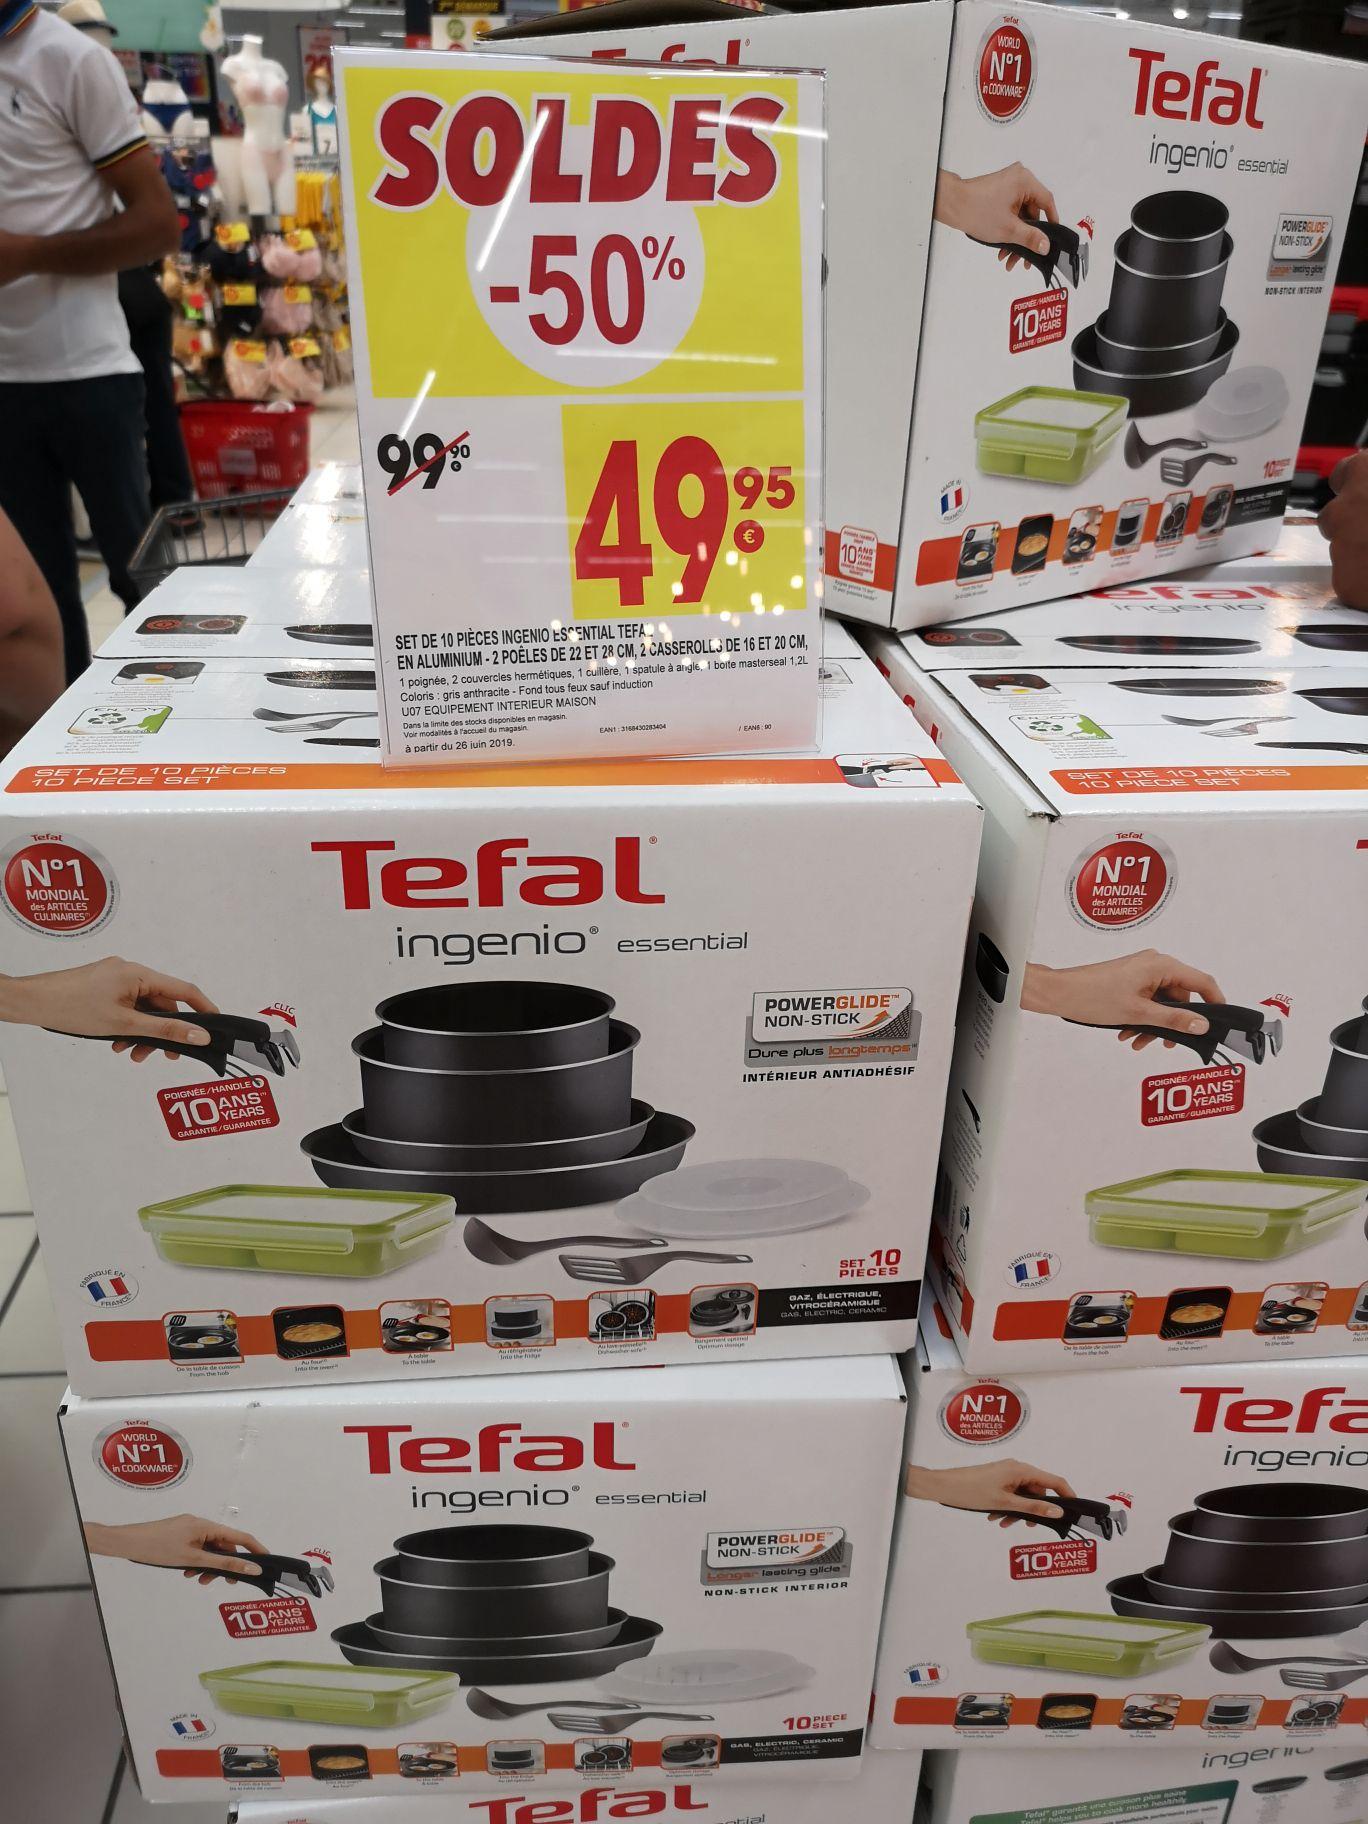 Batterie de cuisine Tefal Ingenio Essential 10 pièces (tous feux sauf induction) - Saint-Etienne (42)